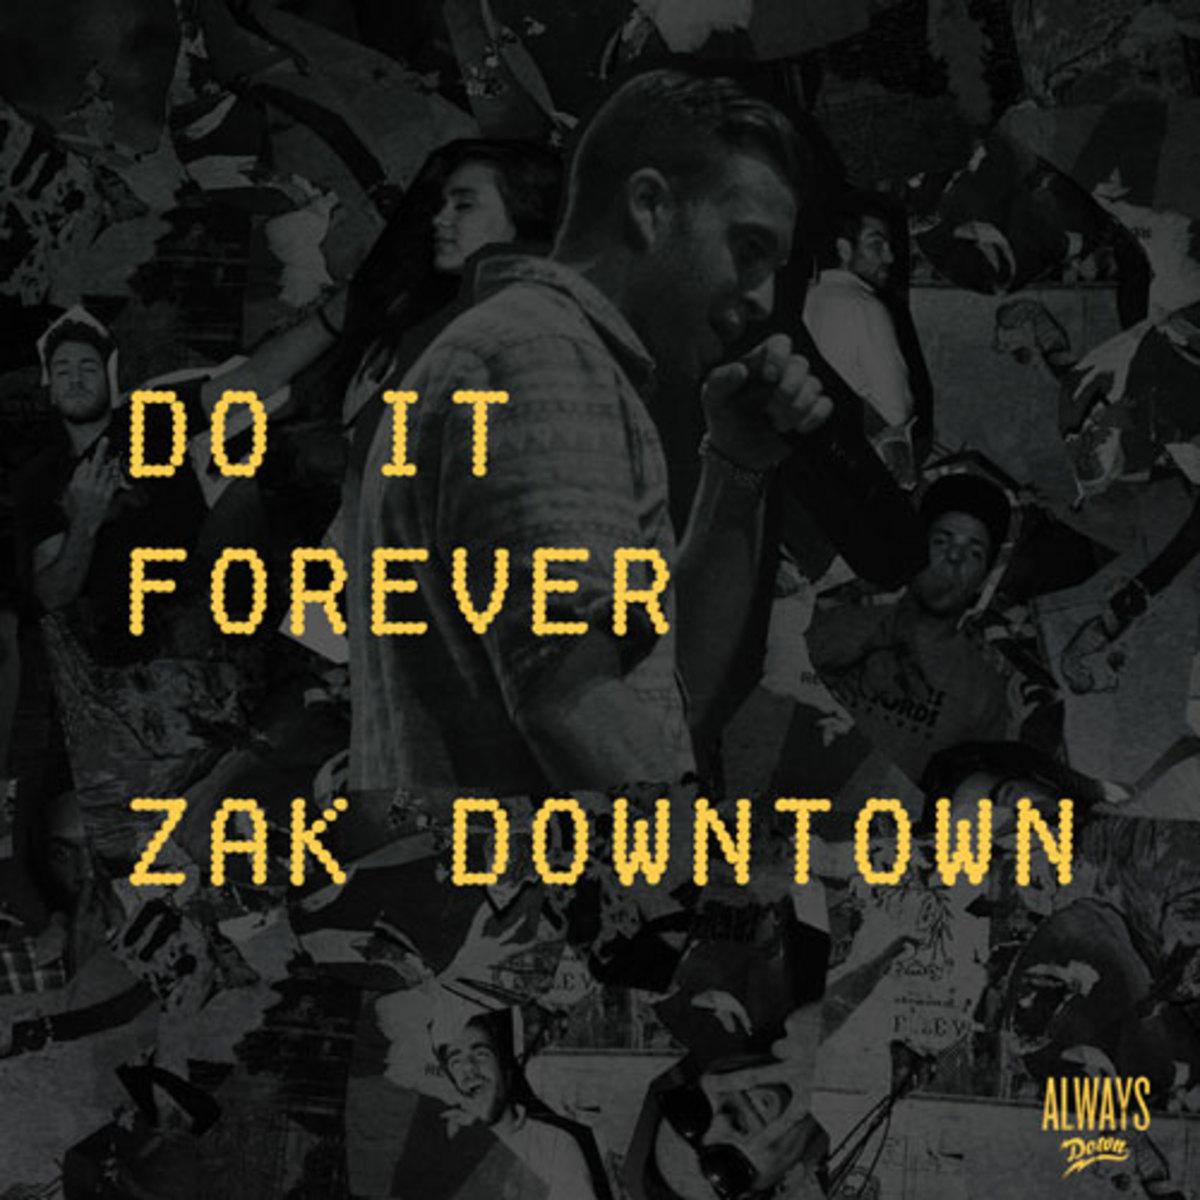 zakdowntown-doitforever.jpg